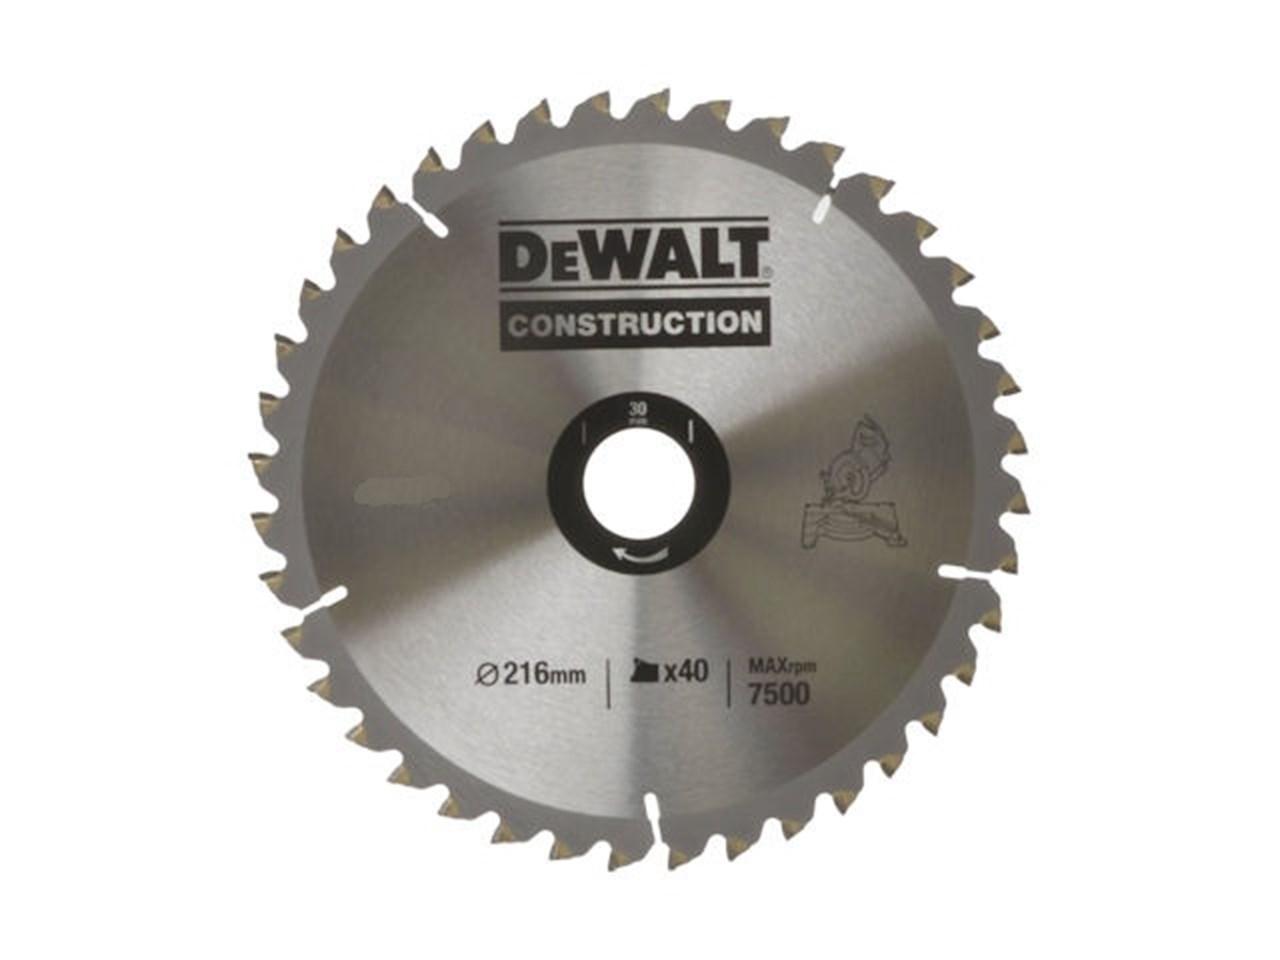 Dewalt dt1153 qz circular saw blade construction 190 x 30 x 40t keyboard keysfo Gallery